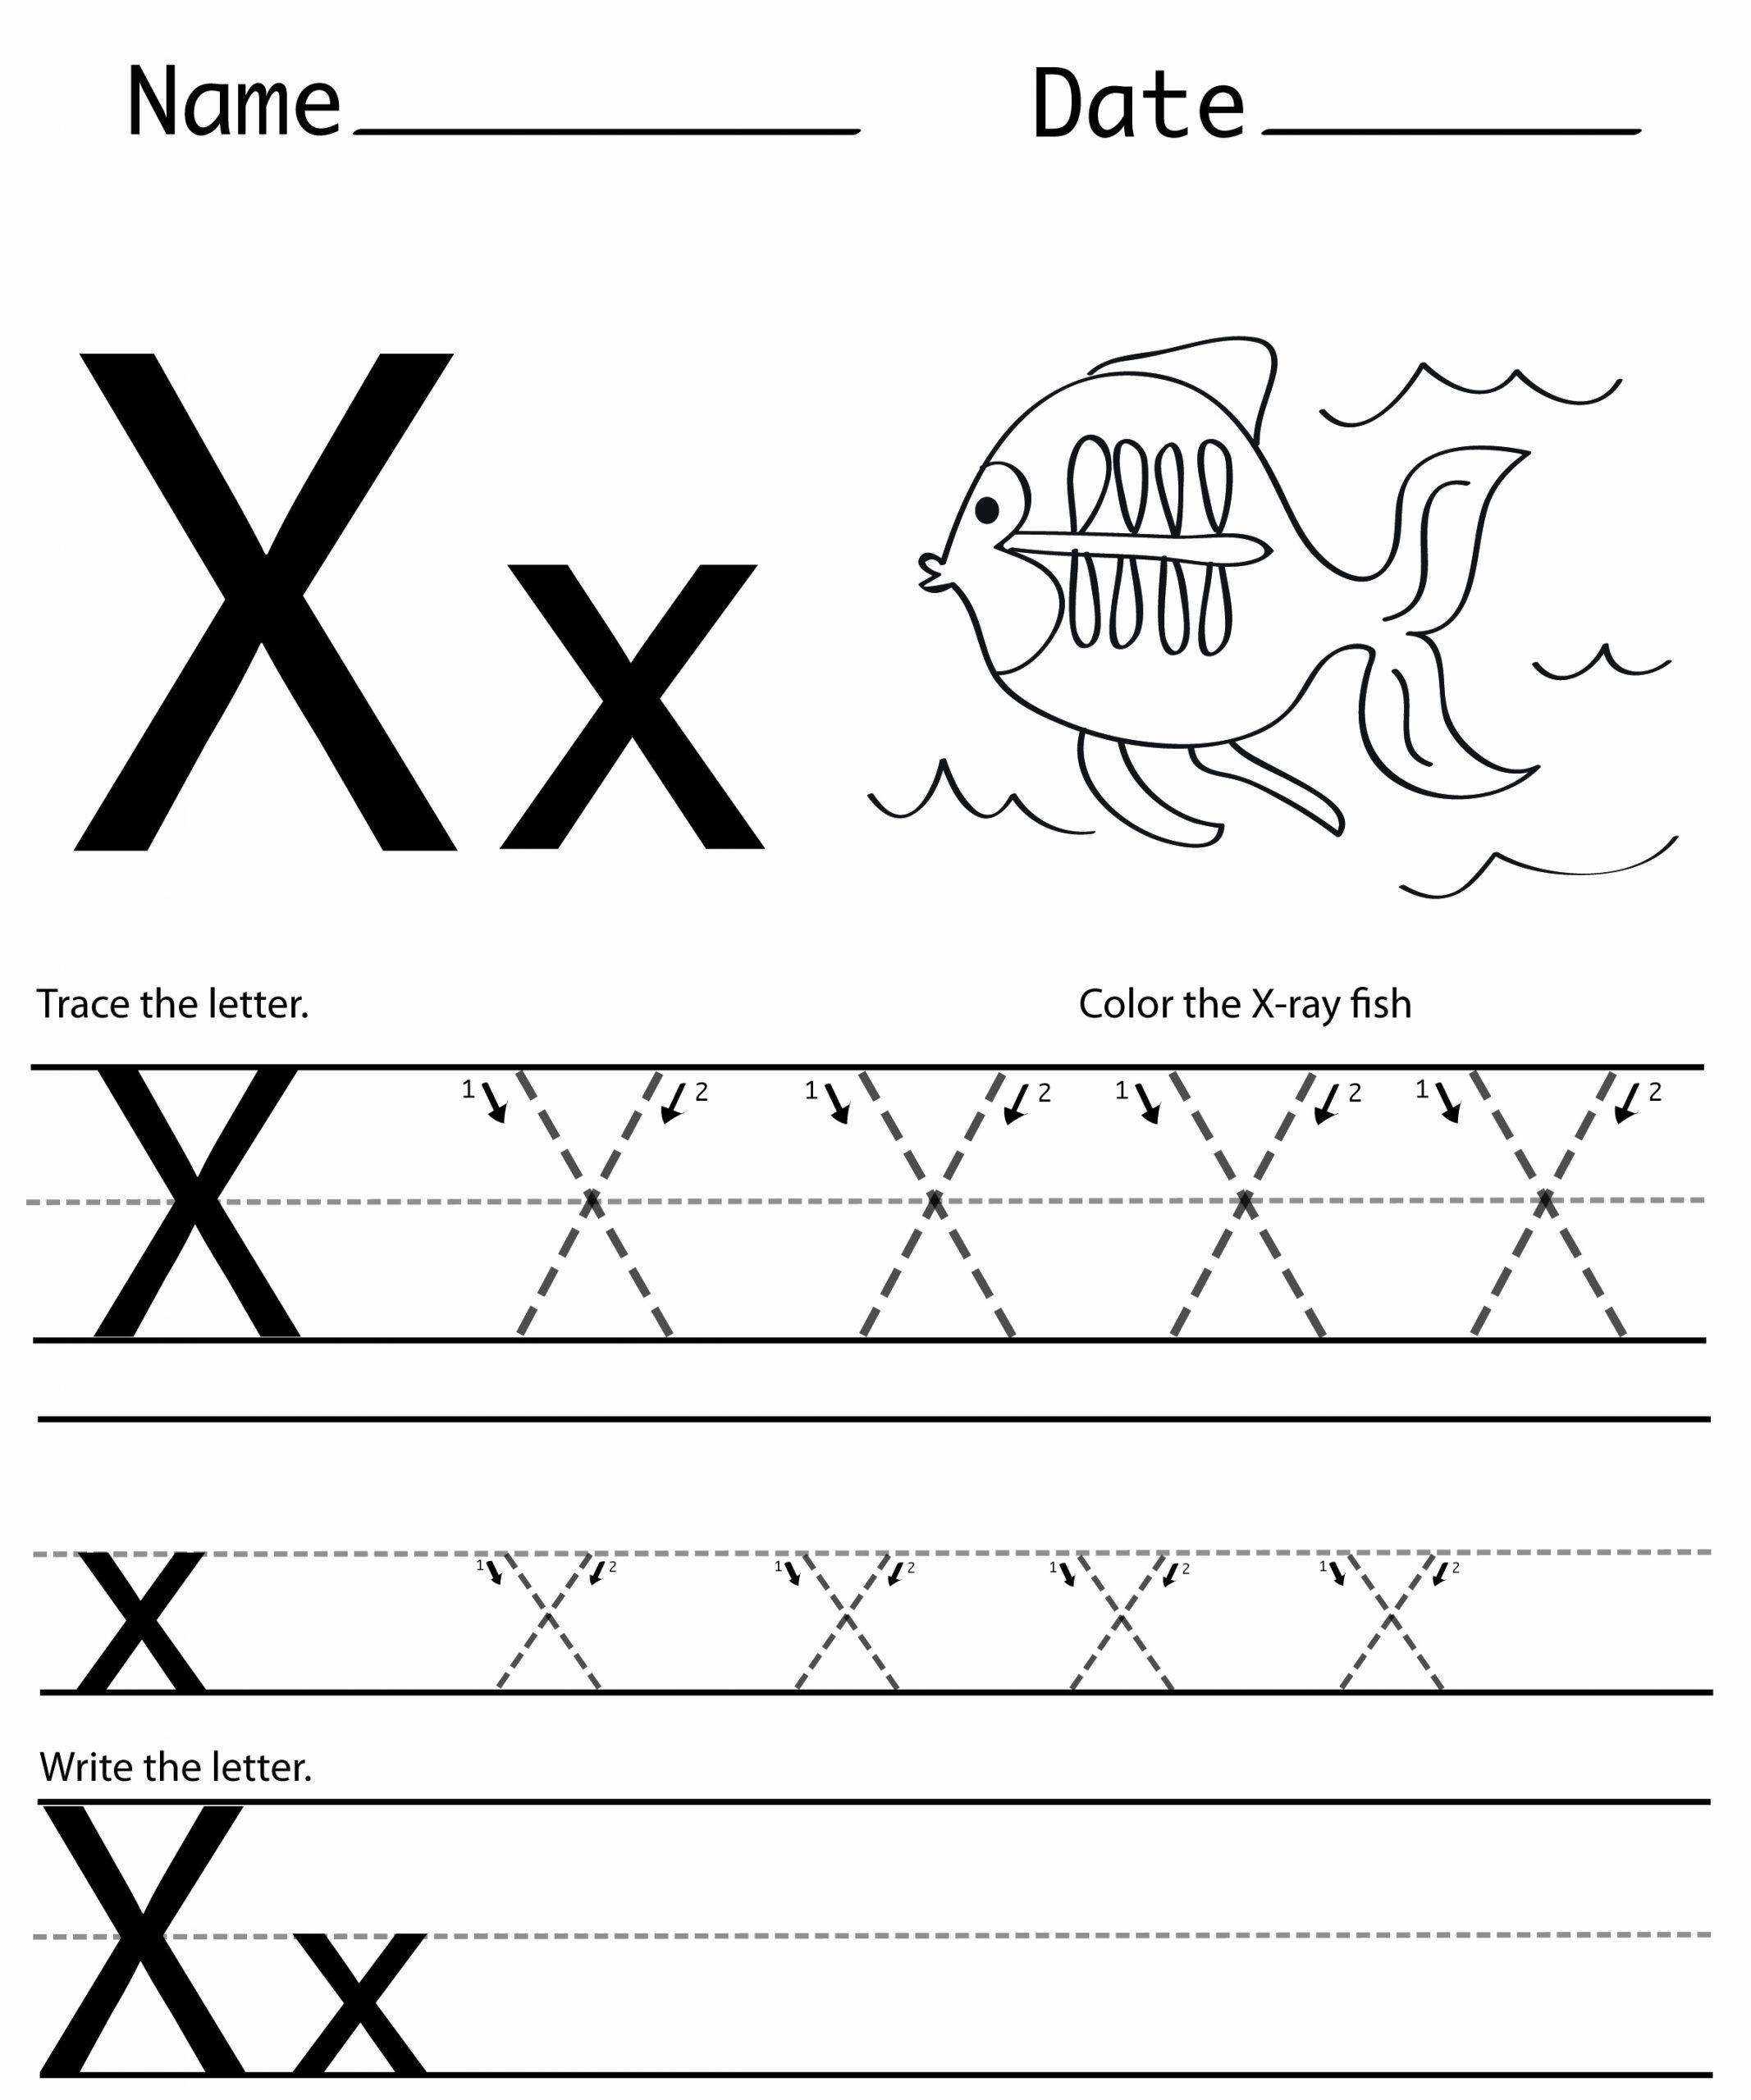 Letter X Worksheets for Kindergarten Awesome Letter X Printables Worksheets Preschool Crafts